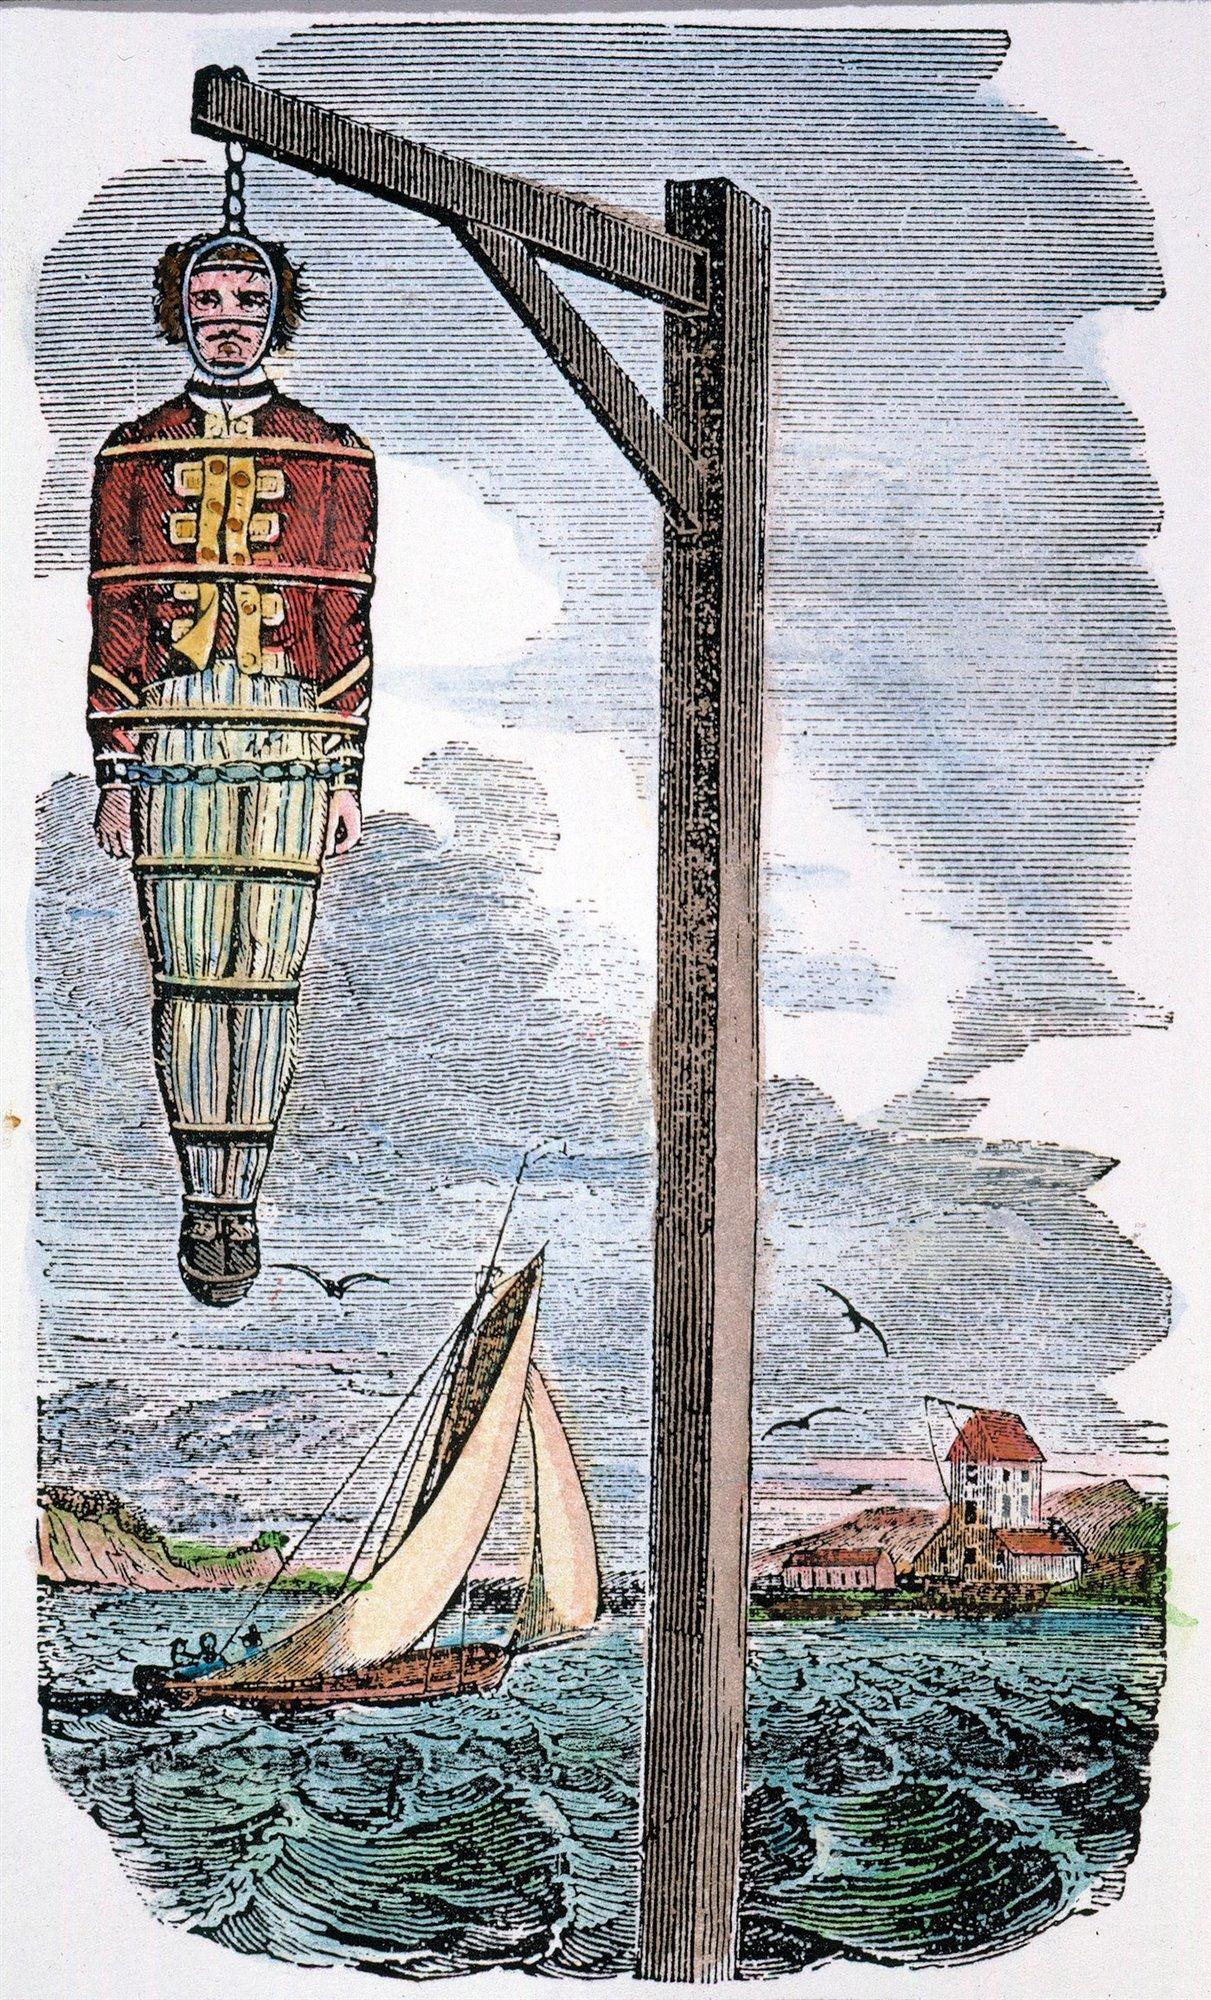 El final del capitán Kidd, el temido pirata inglés